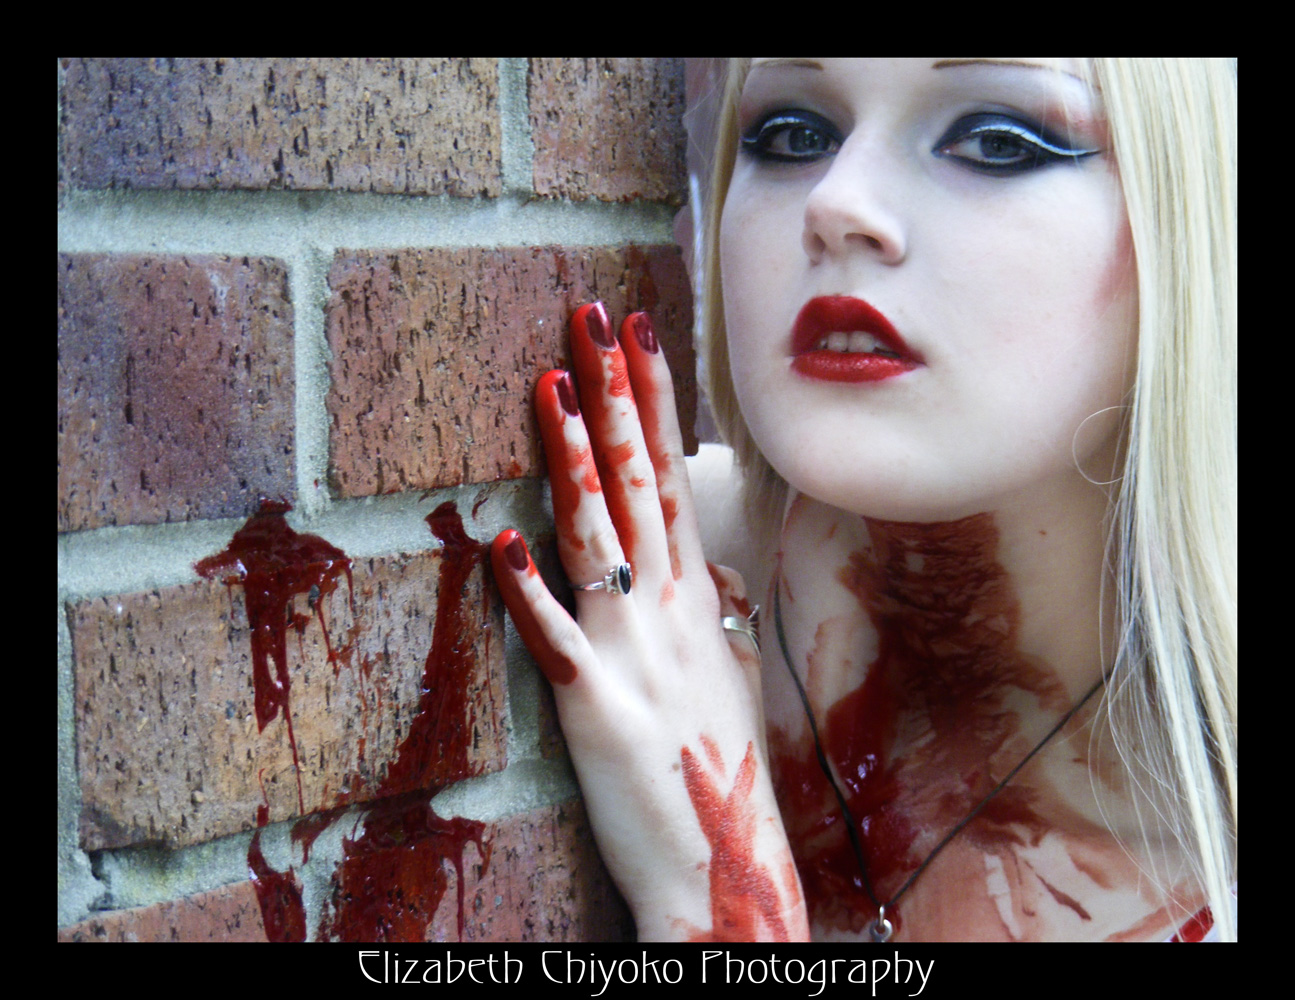 -Gothic -Punk -Pierced -Tattooed -Extreme fashion -Extreme make-up